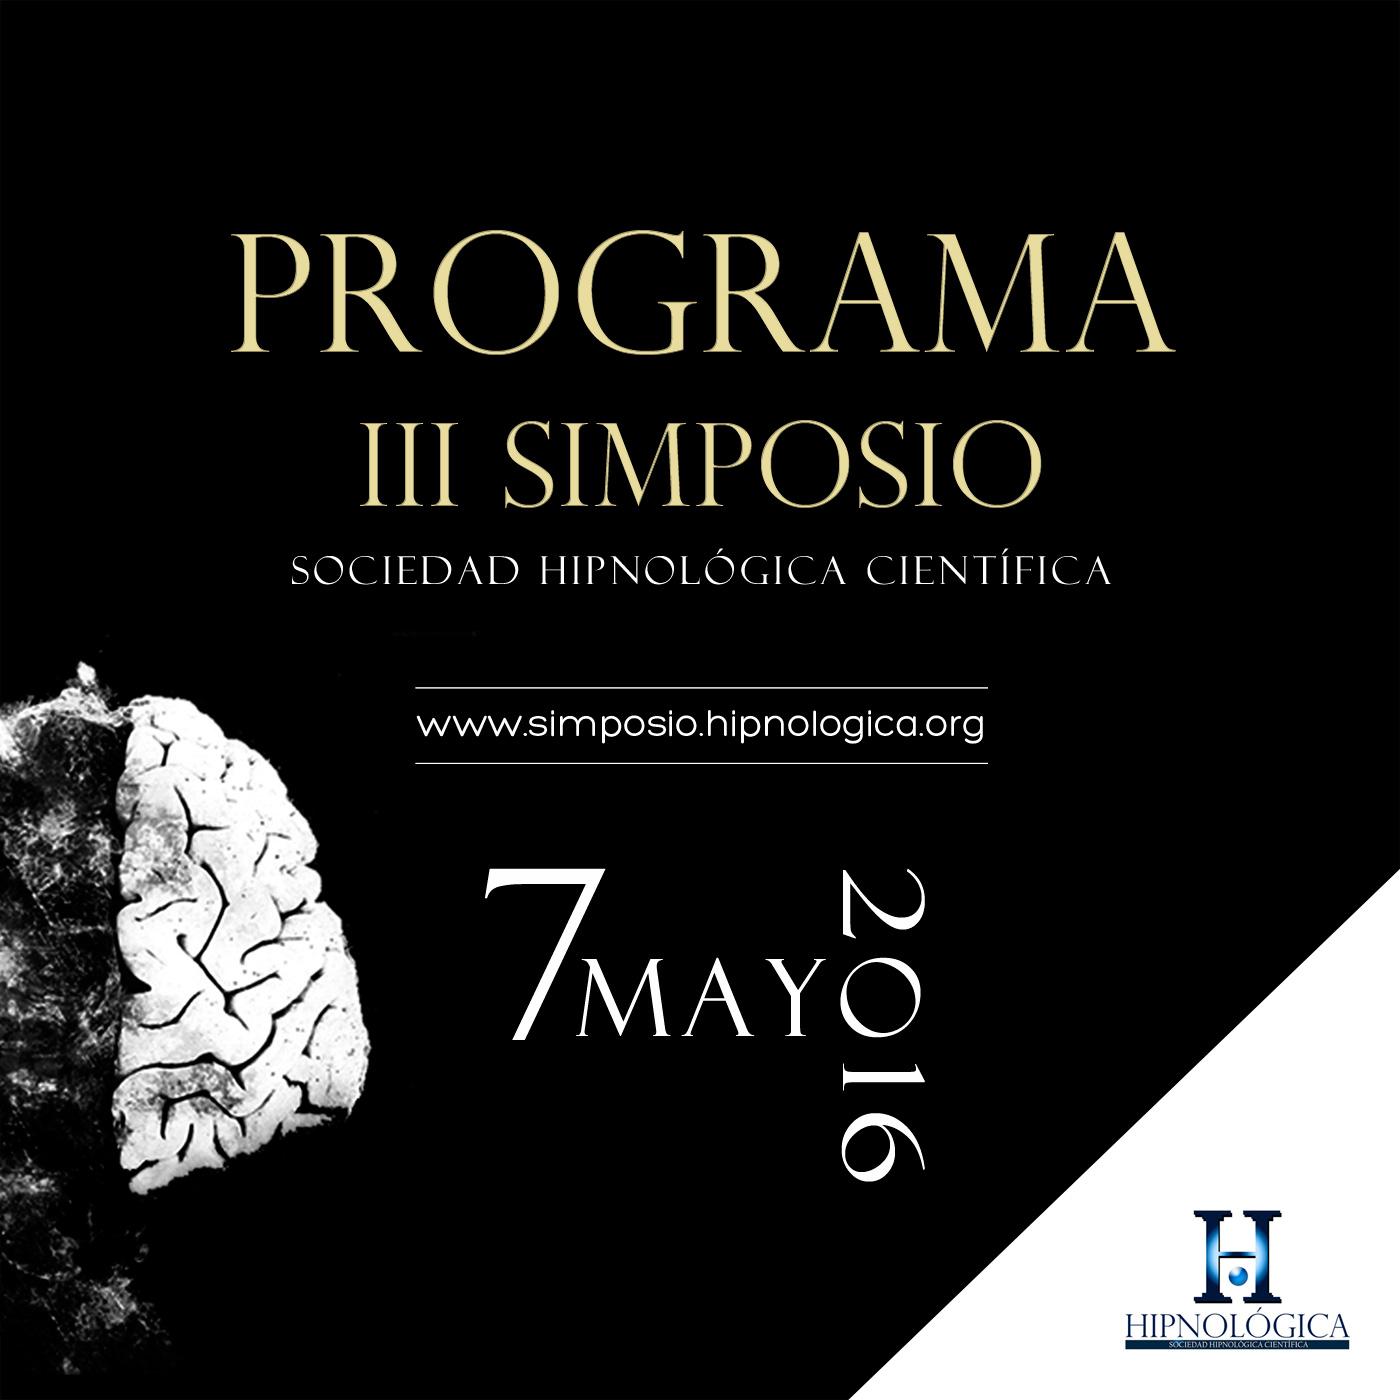 Programa III Simposio de la Sociedad Hipnológica Científica